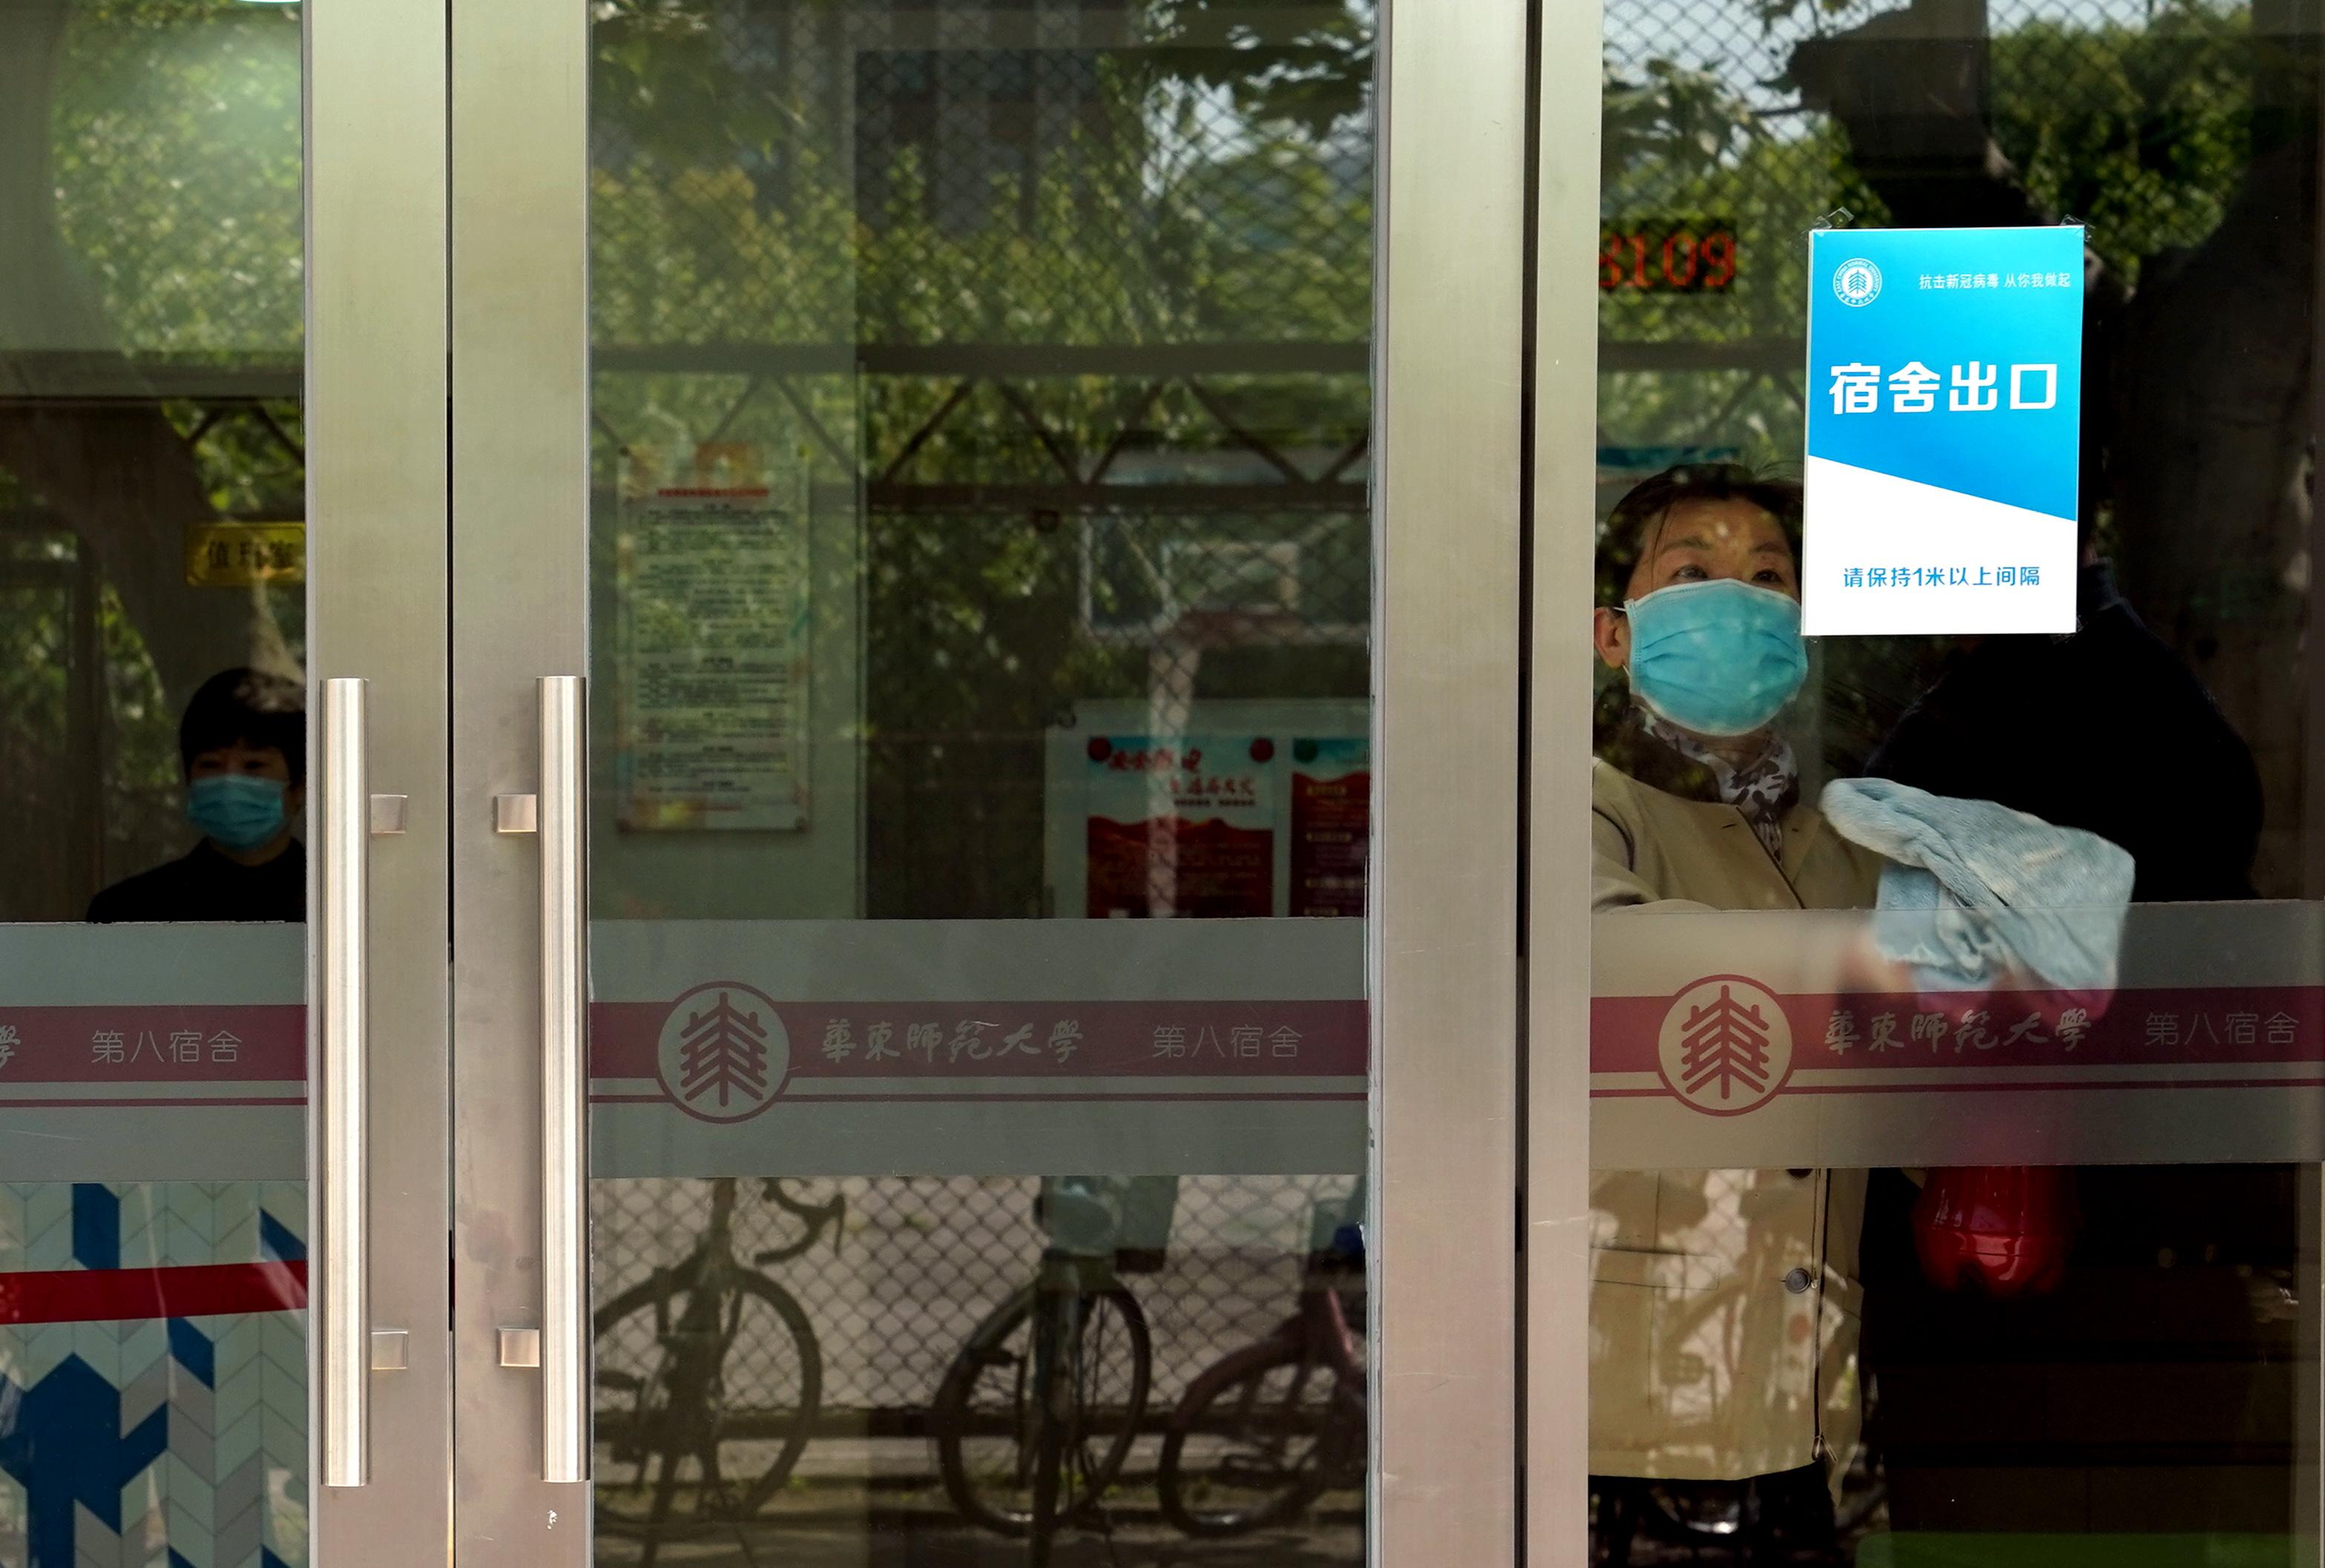 上海の各大学、授業再開を控え新型コロナ対策に万全の備え